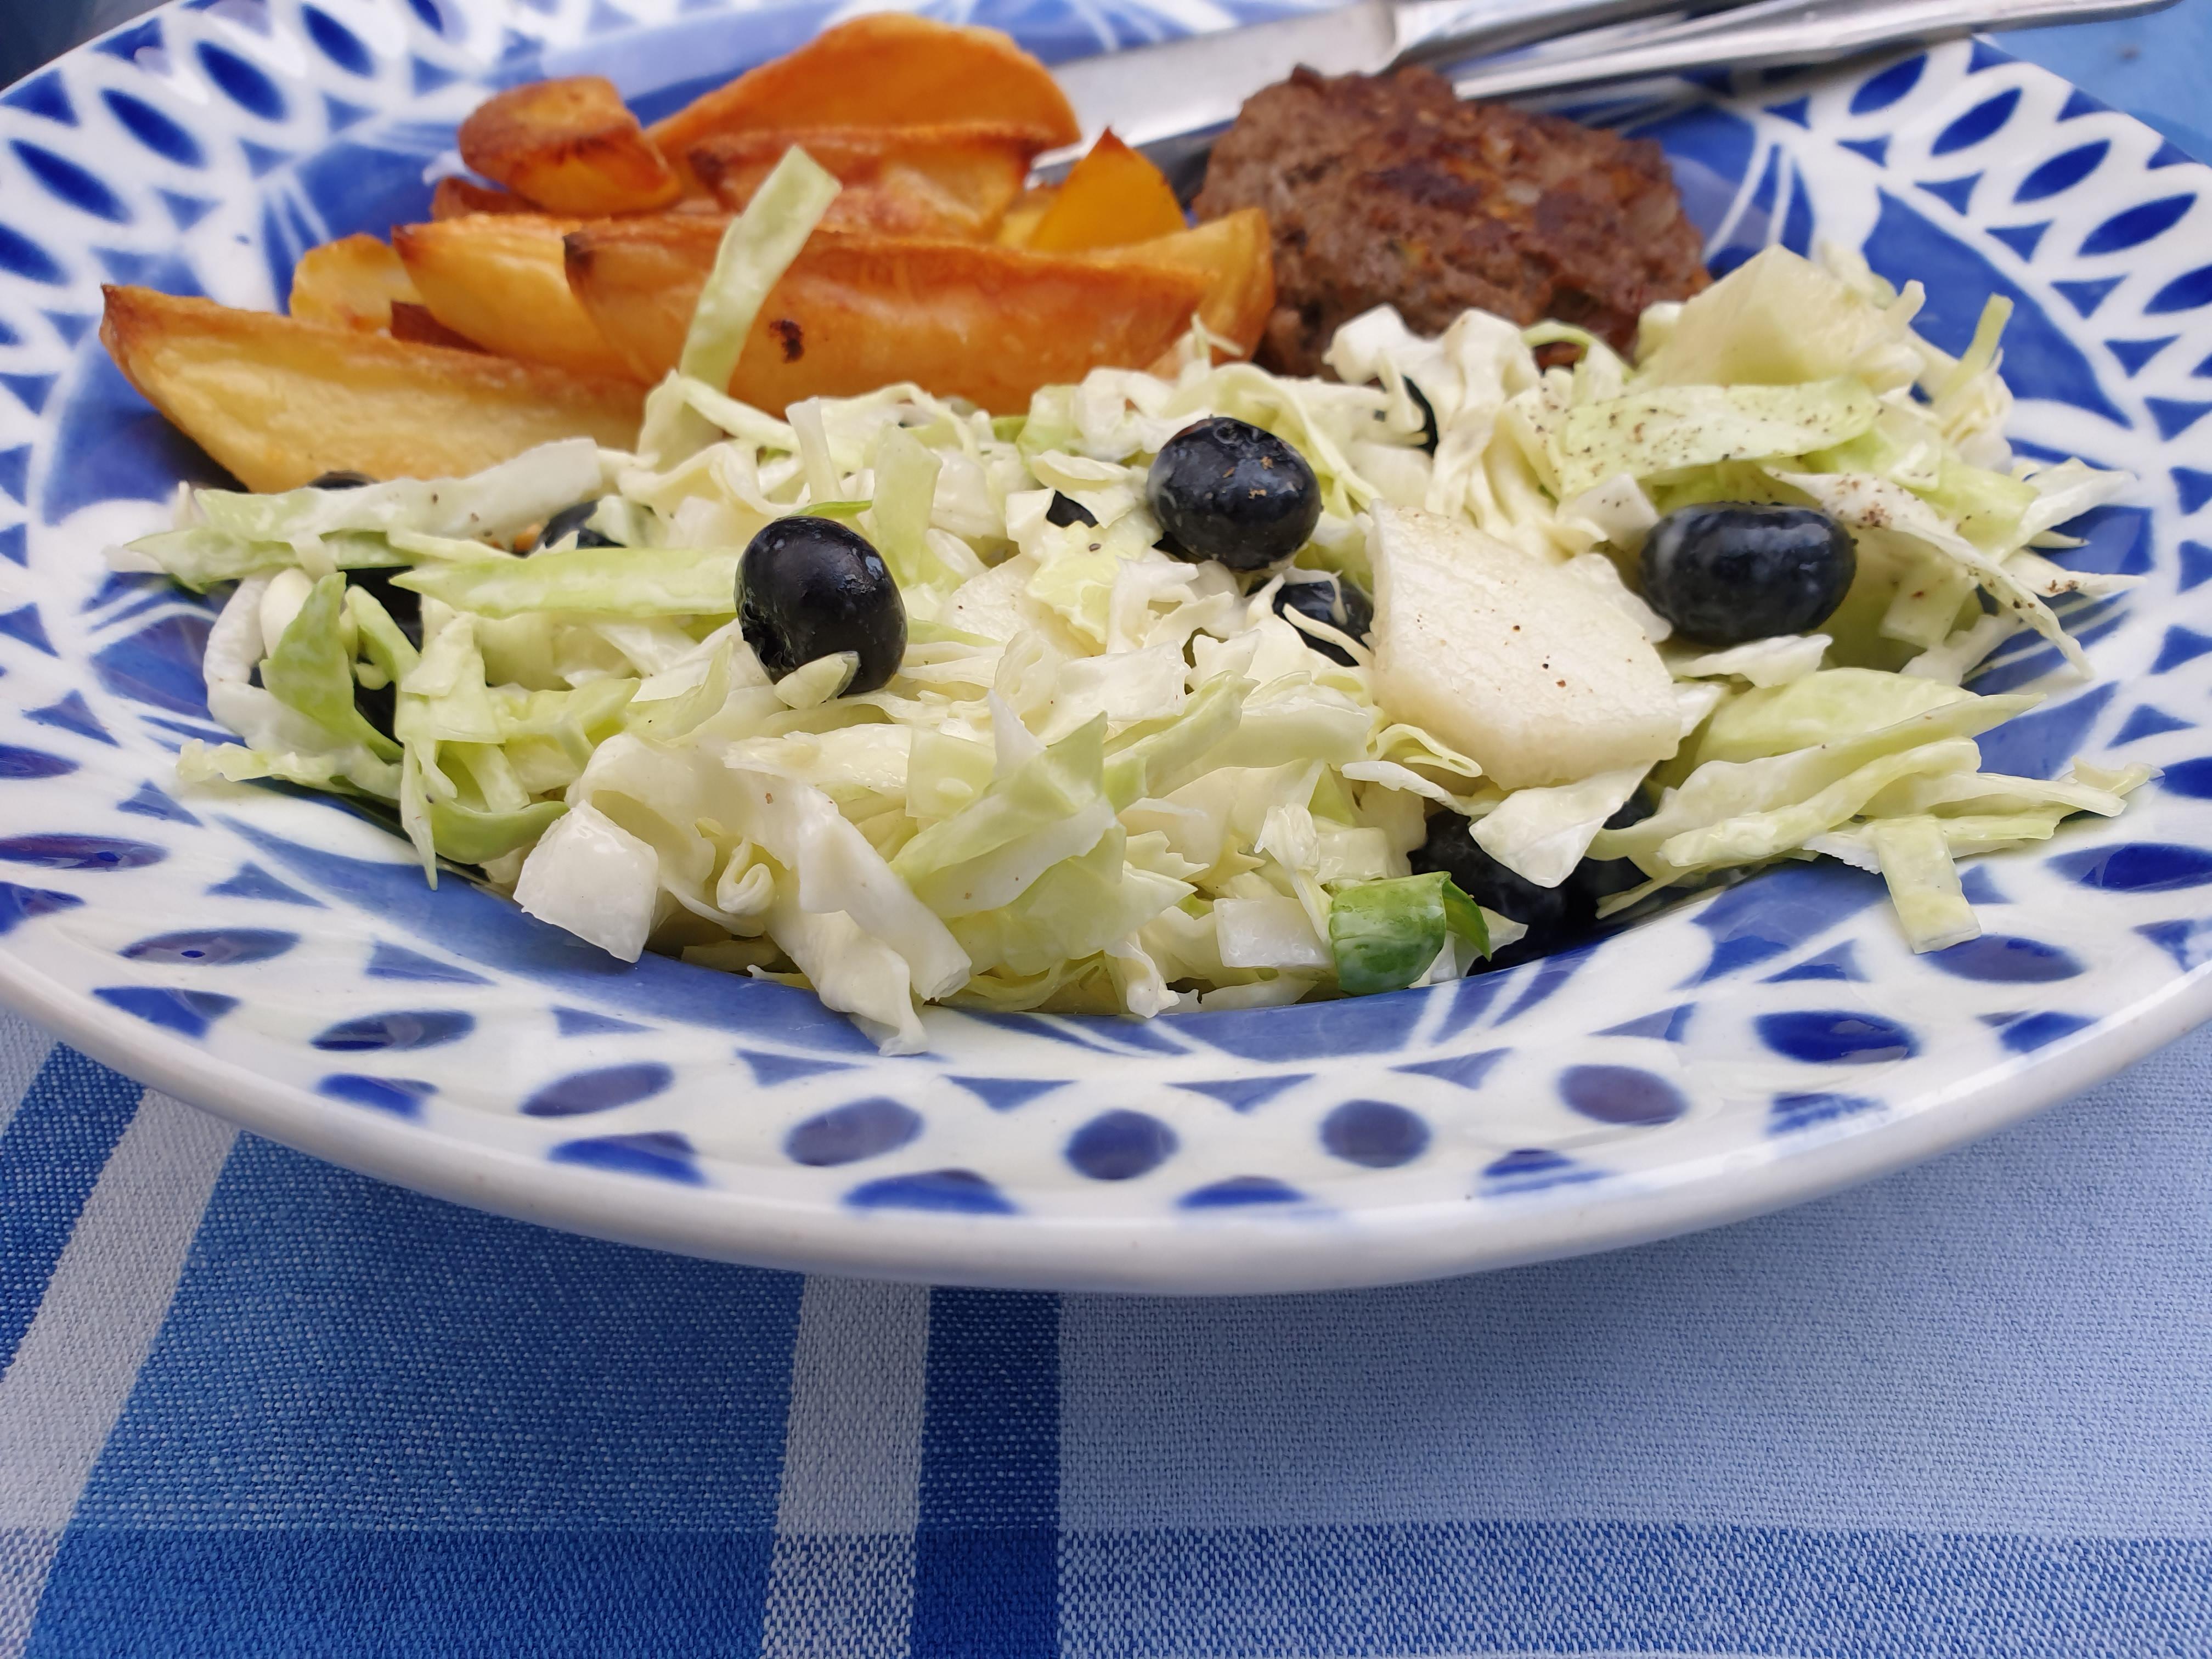 Uitgelichte foto voor het bericht Spitskoolsalade met blauwe bessen